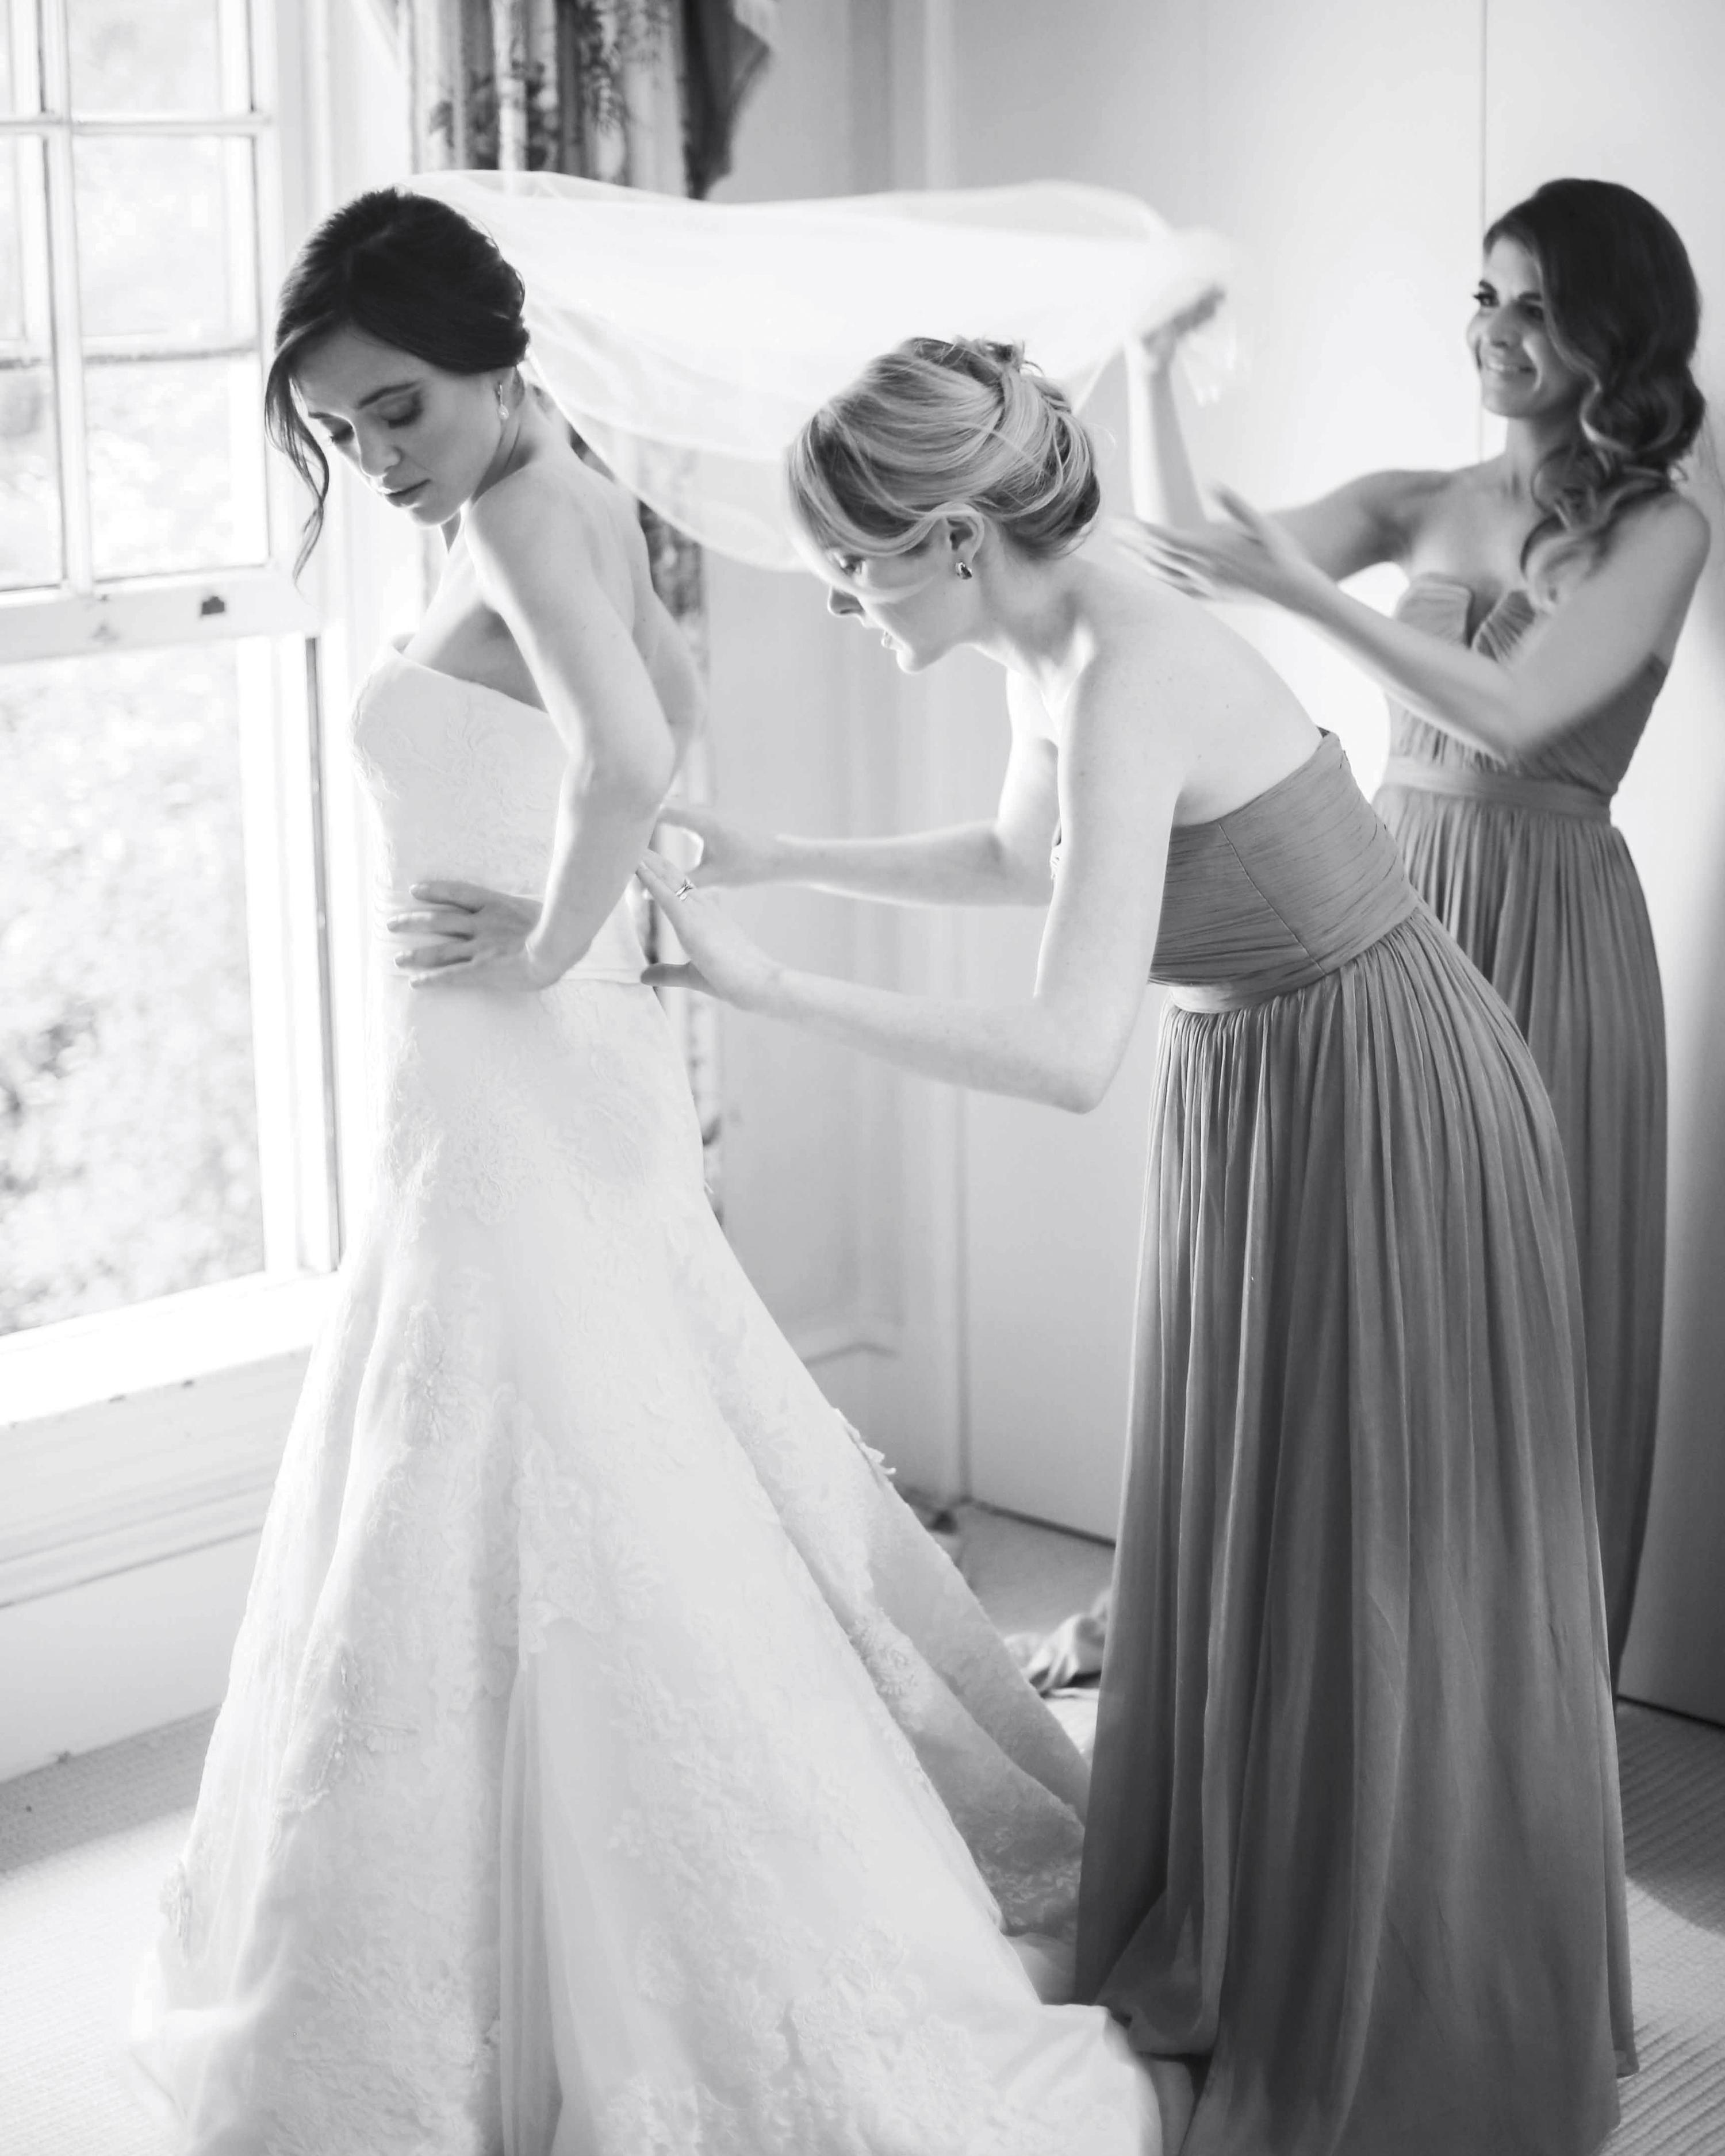 bride-bridesmaids-getting-ready-bw-0264eg5u9302-2902119575-o-mwds110788.jpg